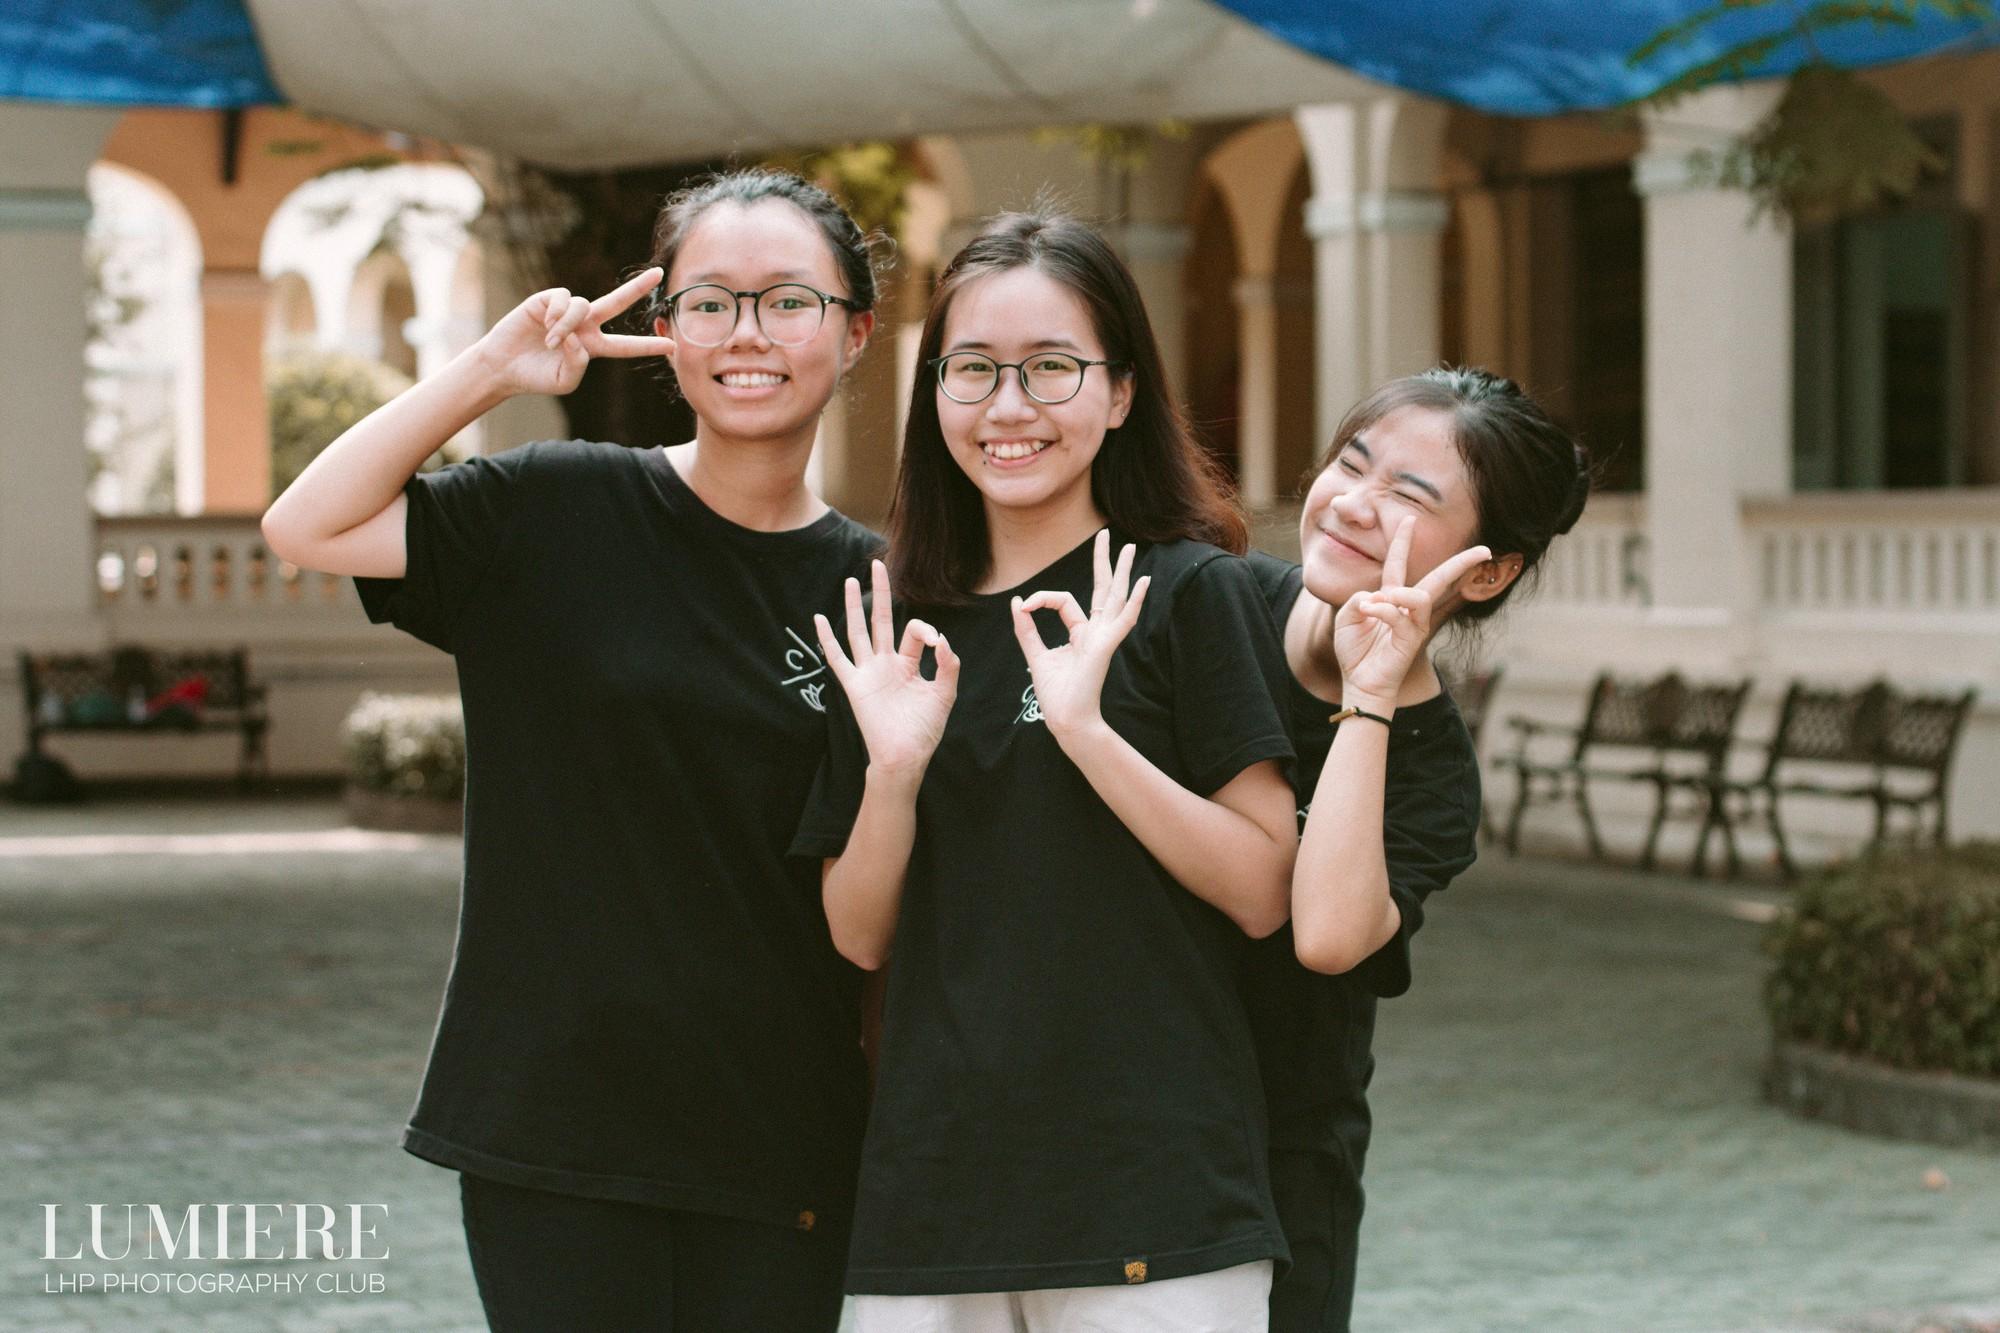 Hội trại không những là những giây phút trưởng thành cuối cùng mà còn là dịp quan trọng để ở bên hội bạn thân, tận hưởng những giây phút đếm ngược trước khi kỳ thi THPT Quốc gia tới. (Nguồn: Helino.vn, Lumiere - LHP Photography Club)